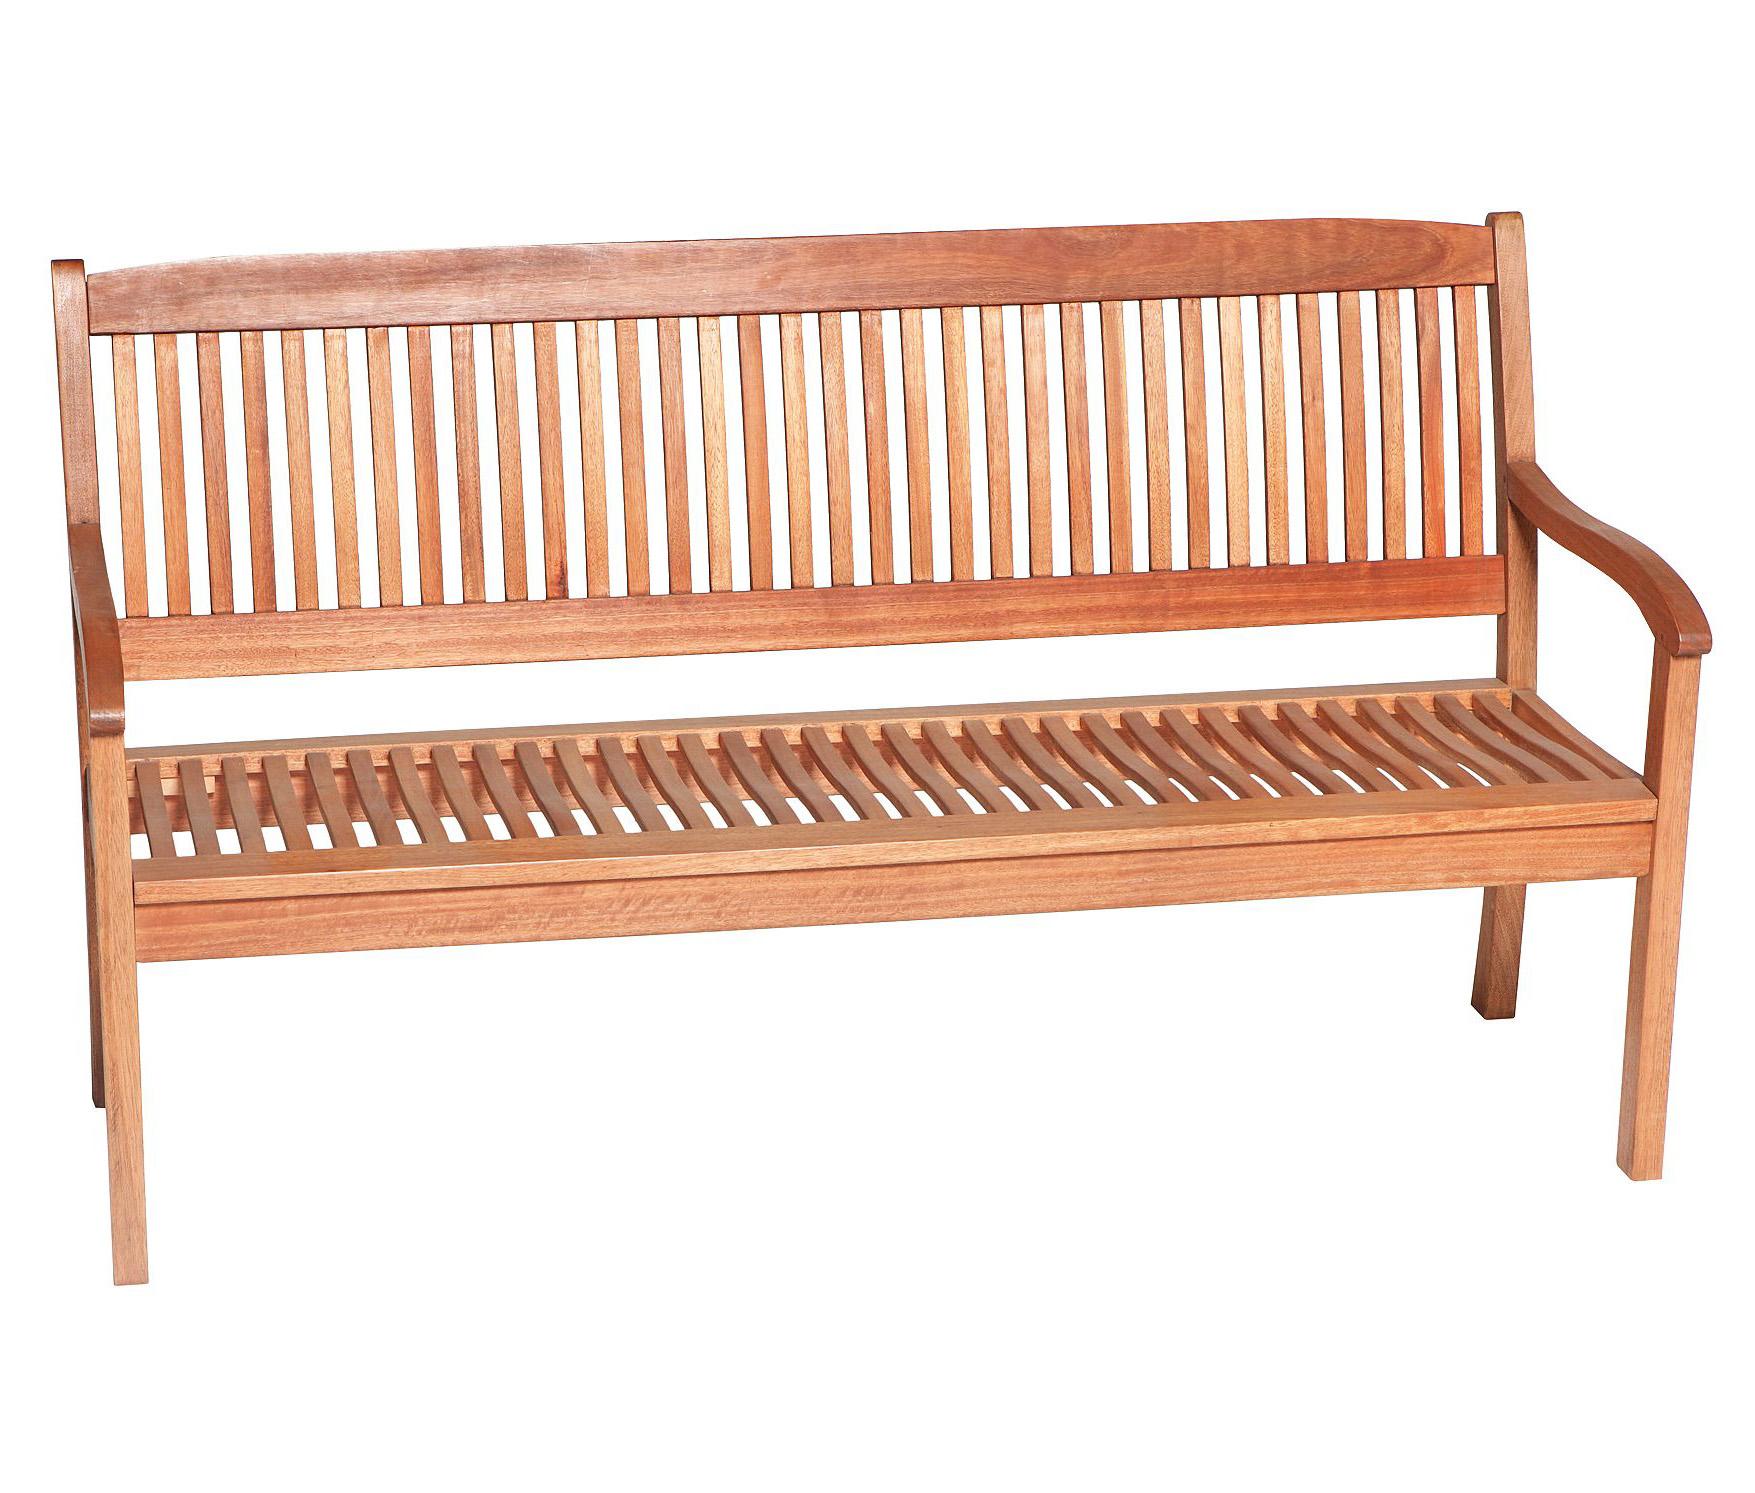 luxus gartengarnitur maracaibo 5 teilig aus eukalyptus hartholz ge lt ebay. Black Bedroom Furniture Sets. Home Design Ideas